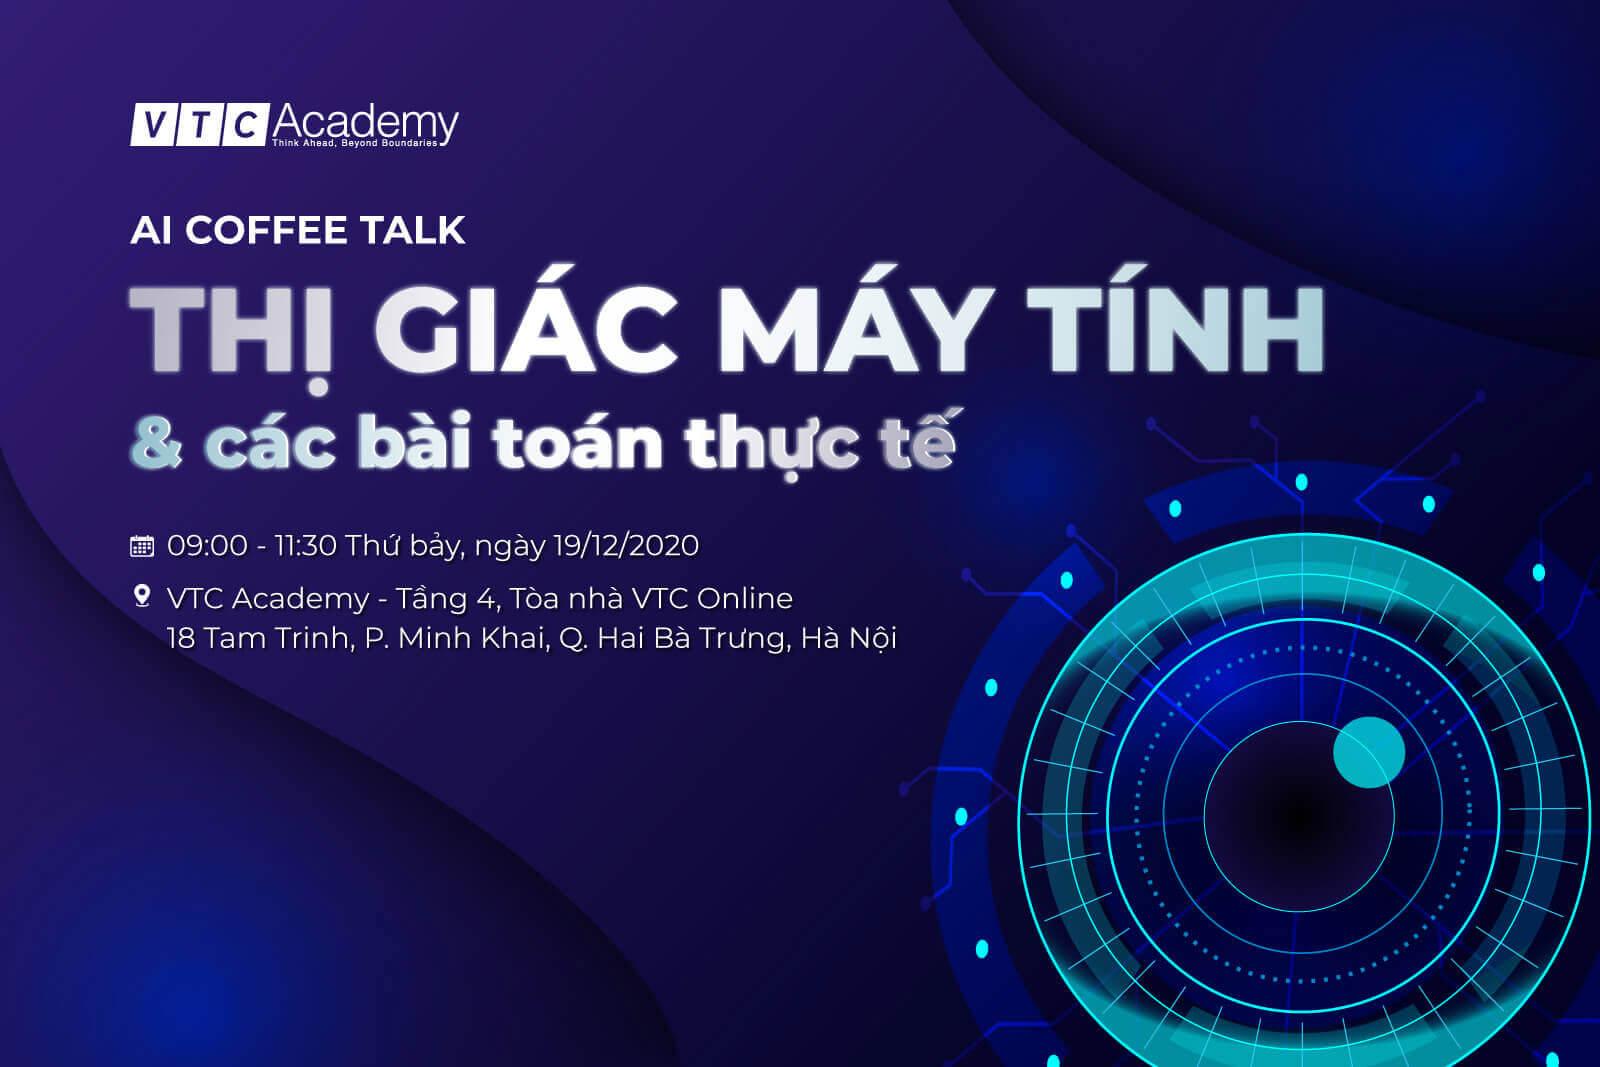 Sự kiện AI Coffee Talk về Thị giác máy tính tại Hà Nội